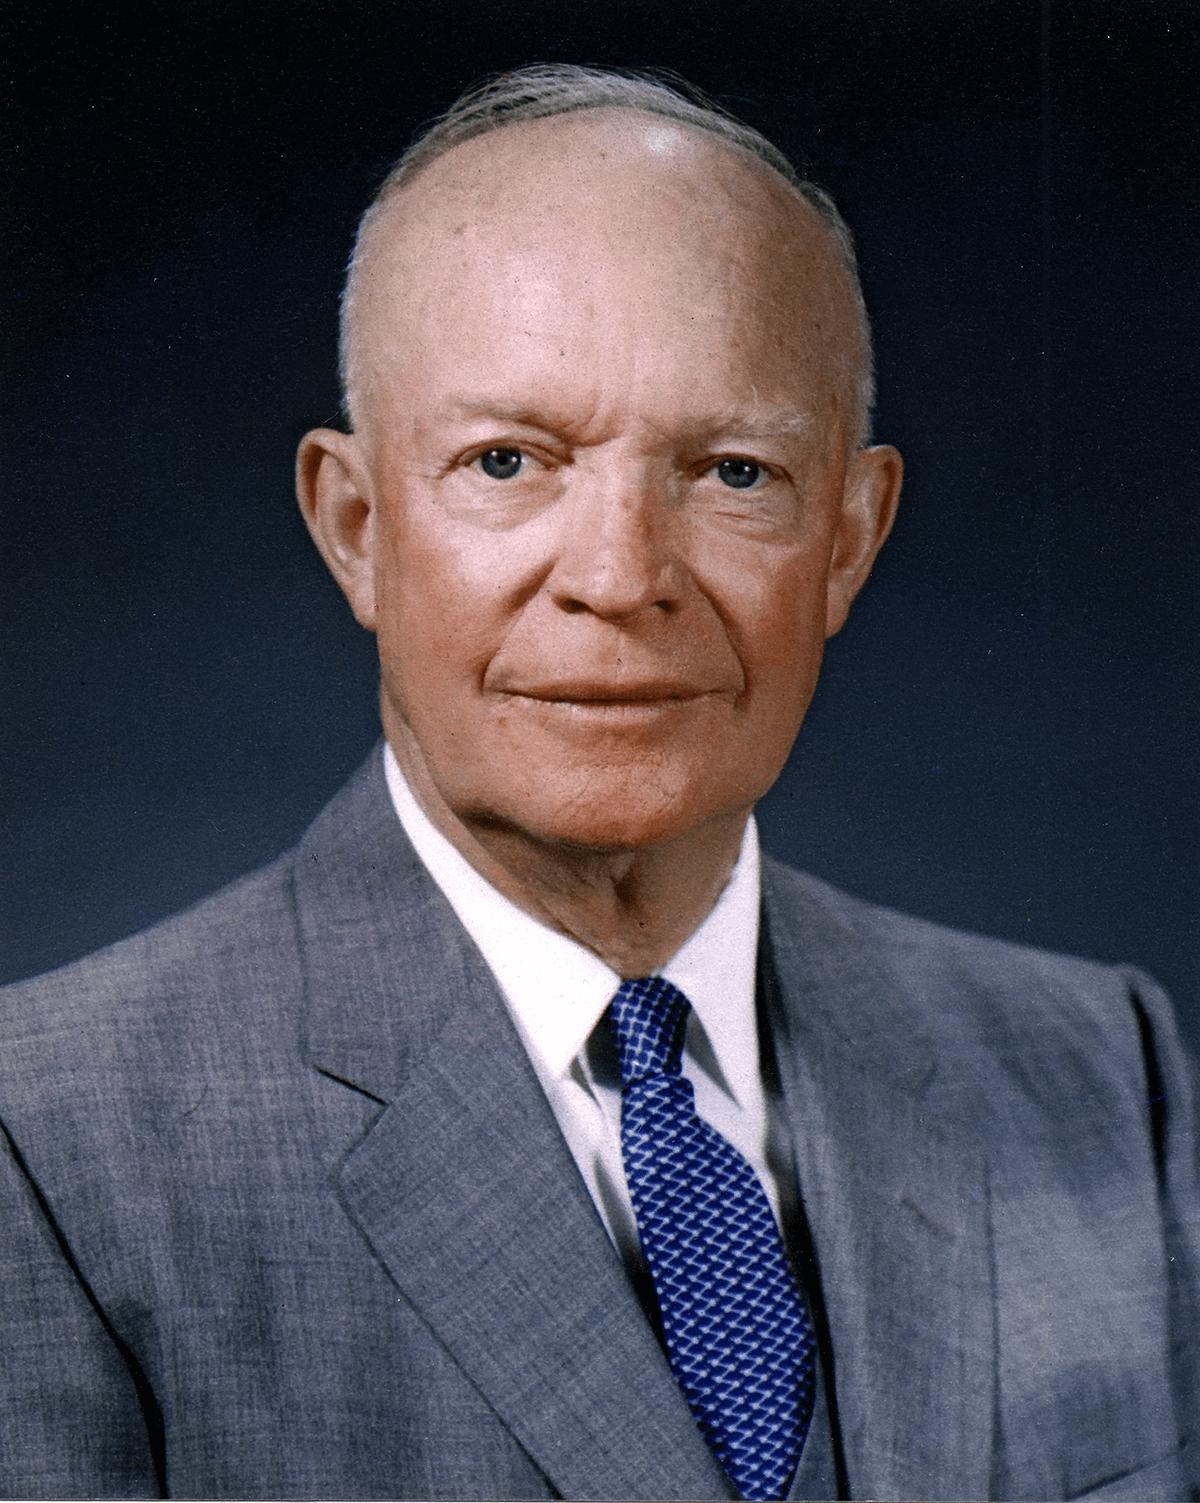 Le président Eisenhower a inspiré la méthode de la matrice décisionnelle. Comment prioriser et maximiser son temps.